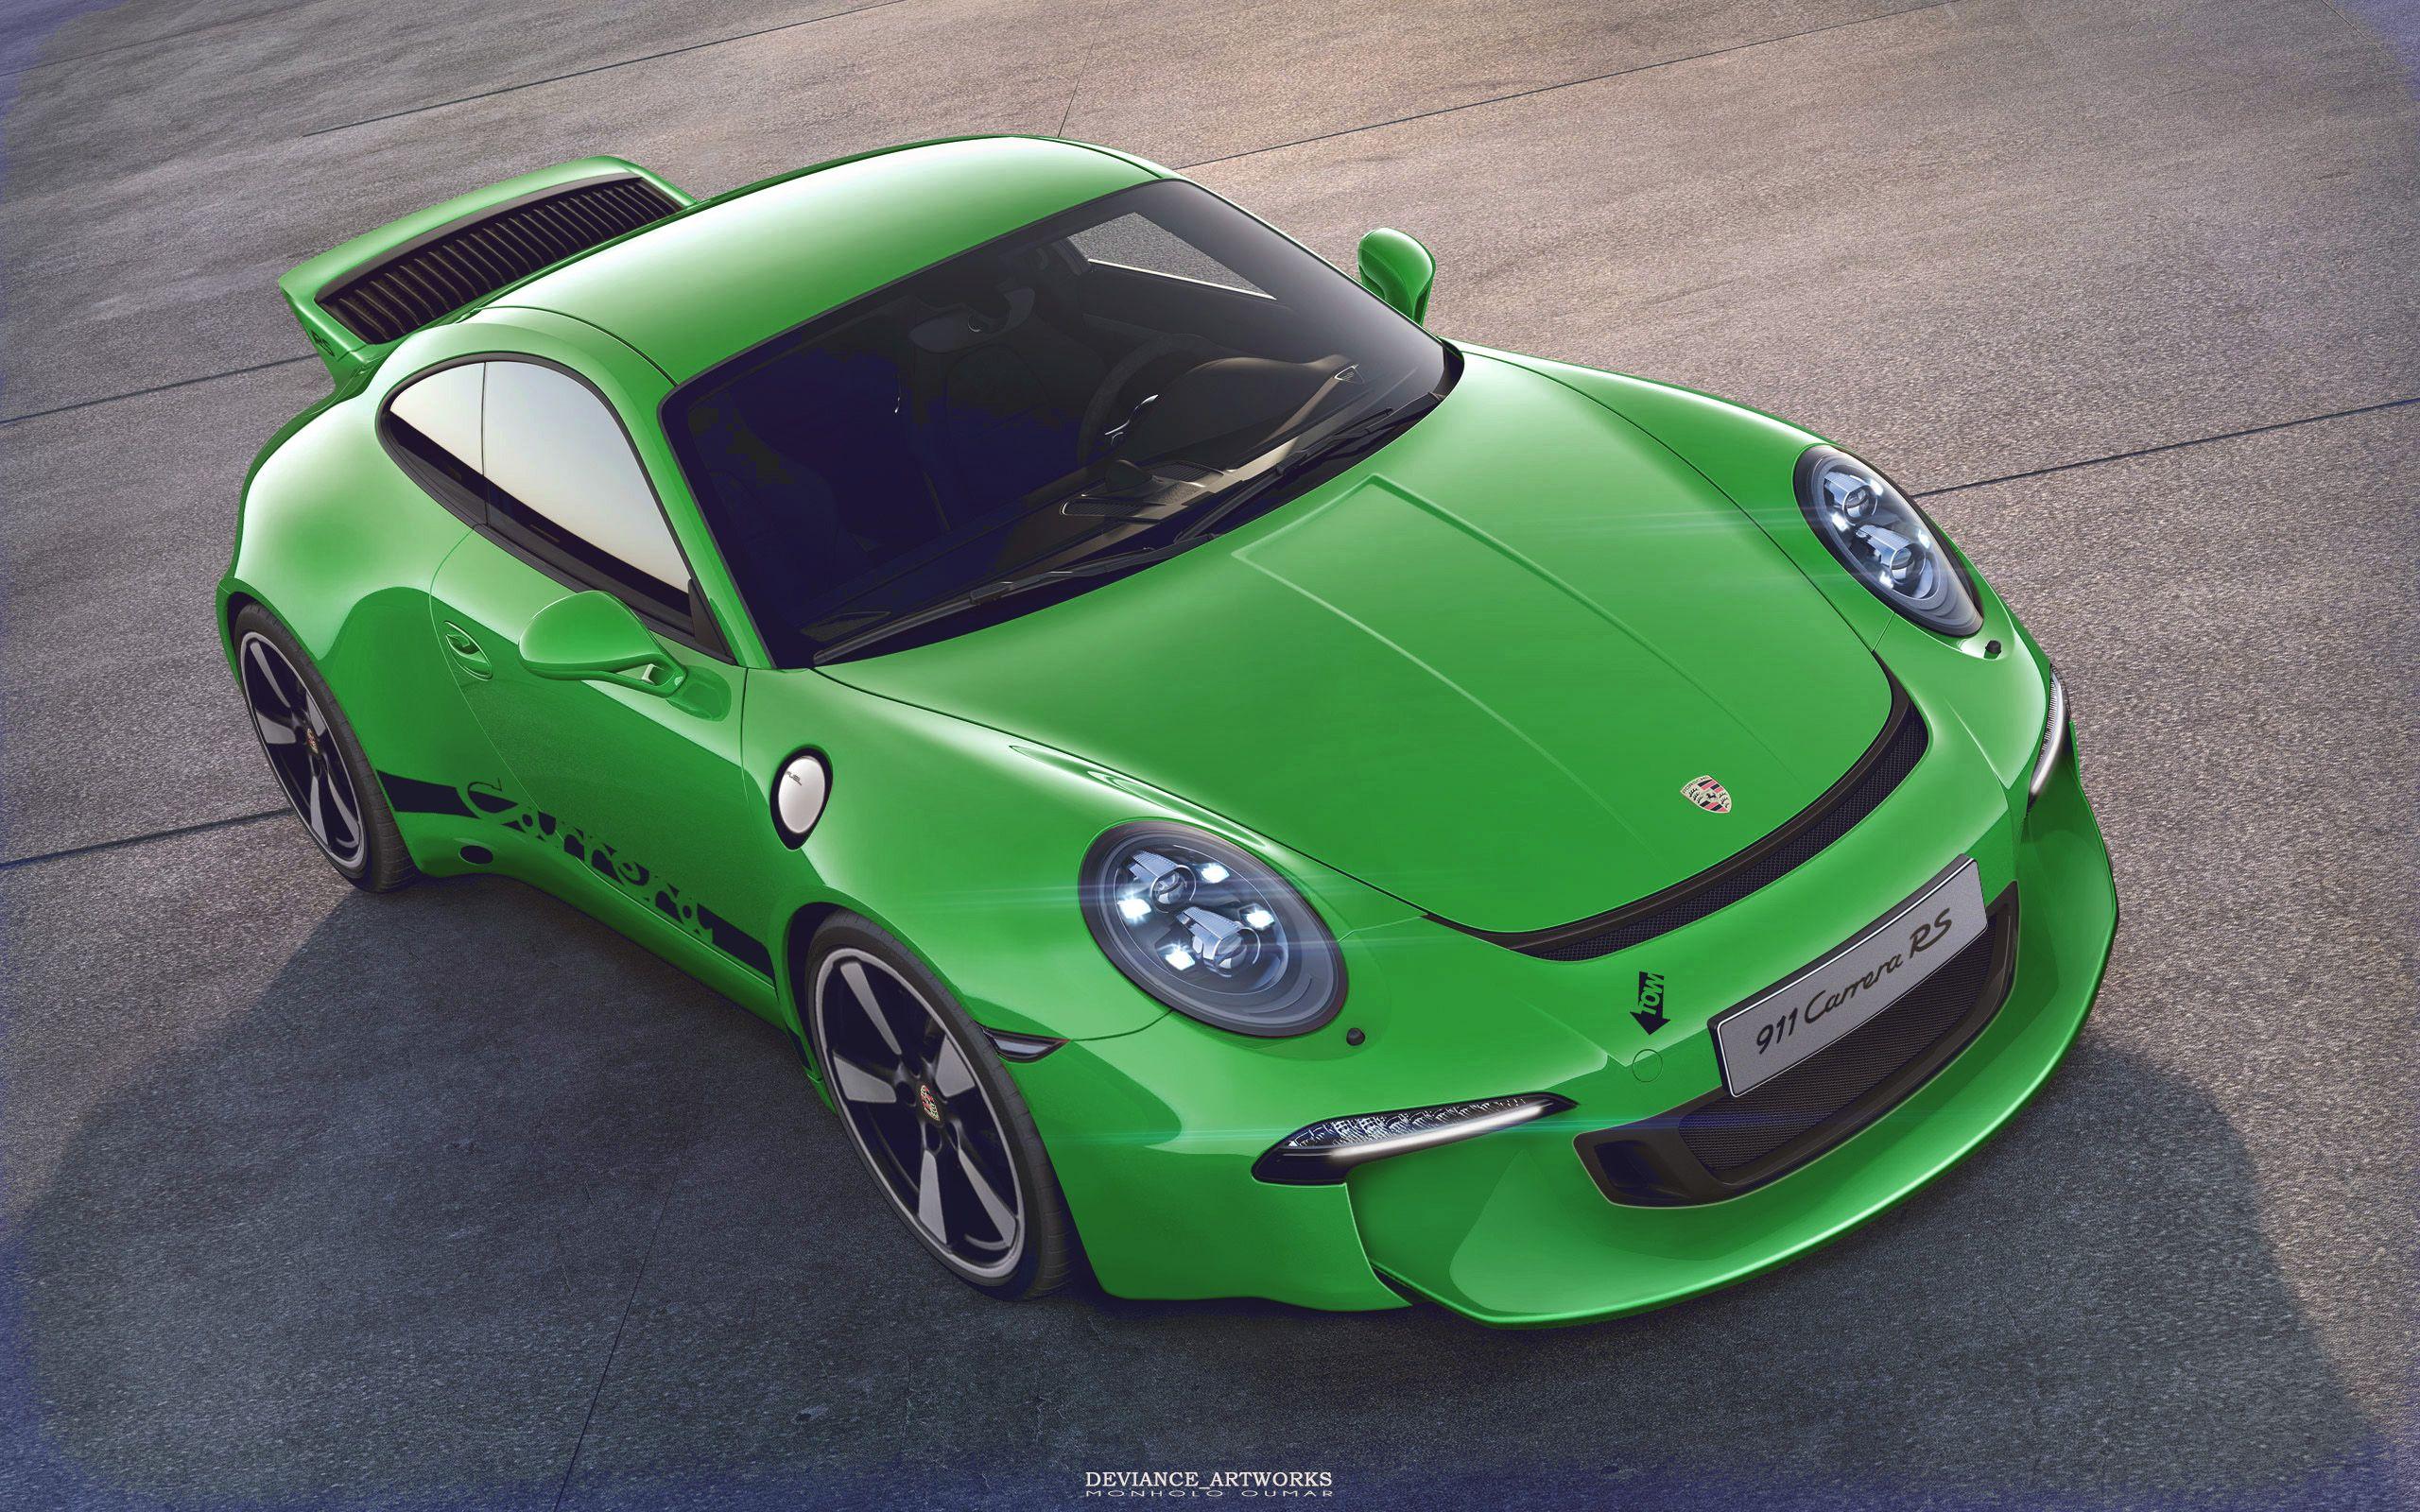 1848675da2ff186d5348e4cc7378a418 Stunning Ficha Tecnica Porsche 918 Spyder Concept Cars Trend